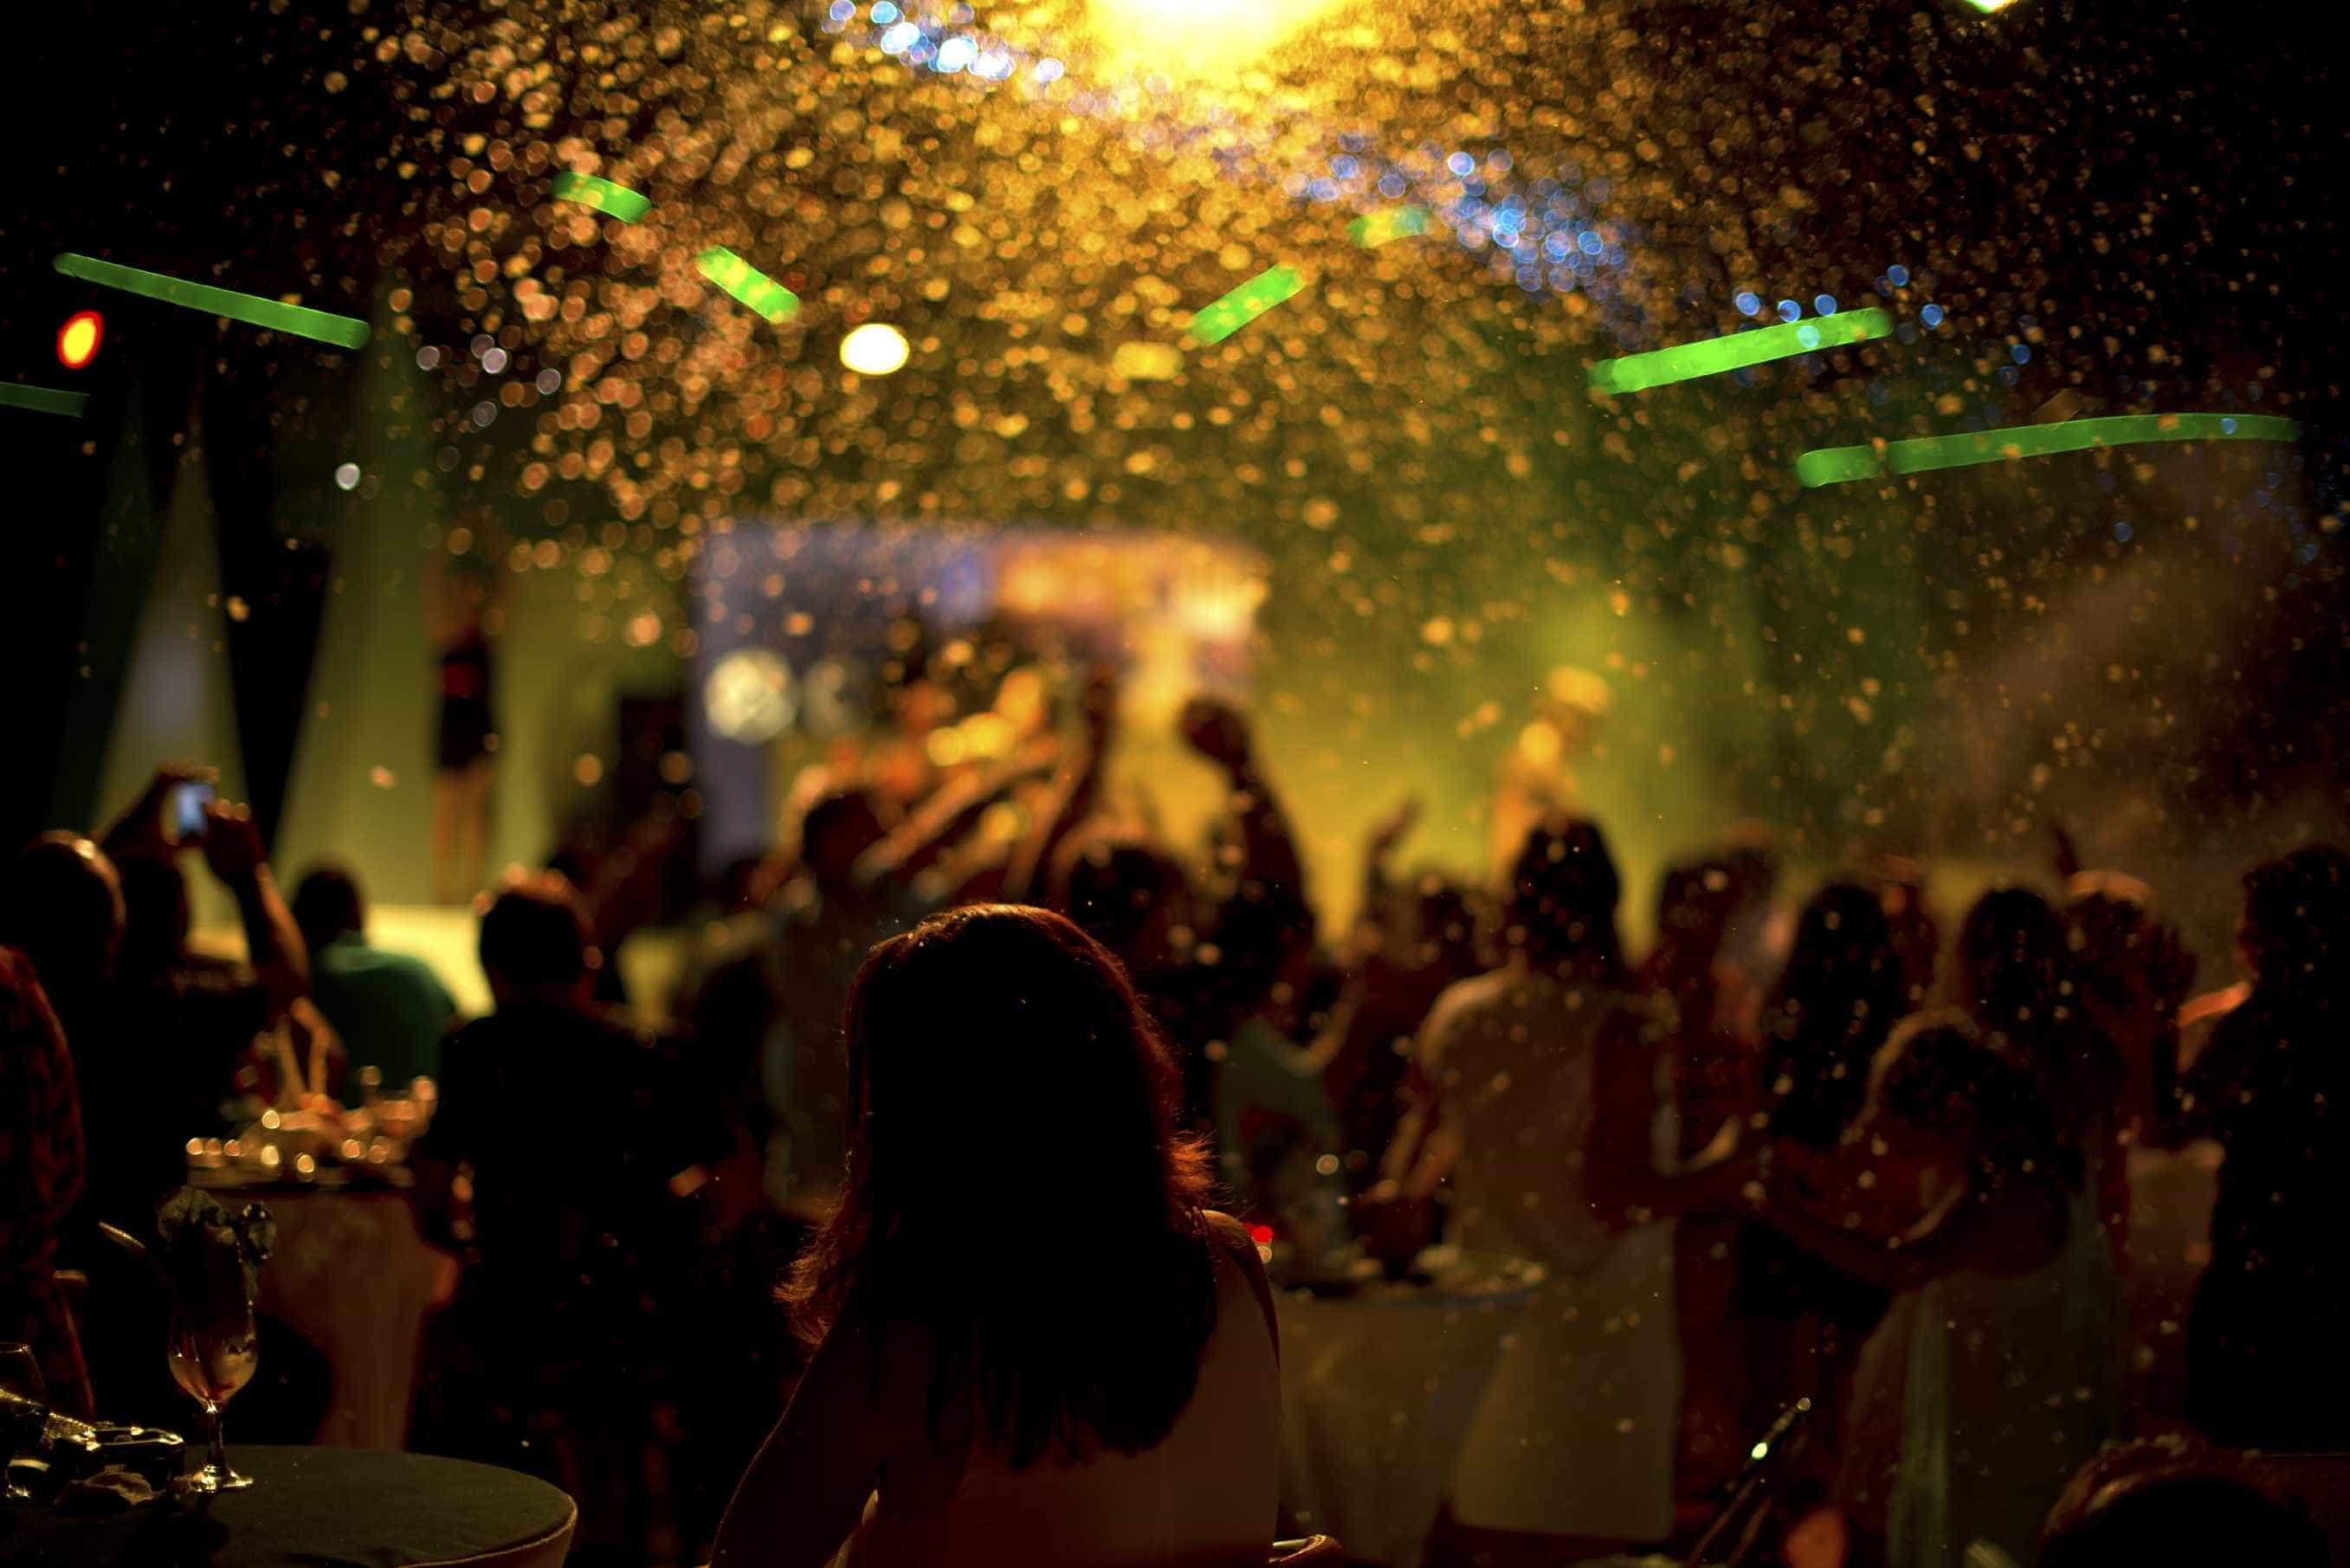 Forneciam droga em estabelecimentos de diversão noturna em Leiria